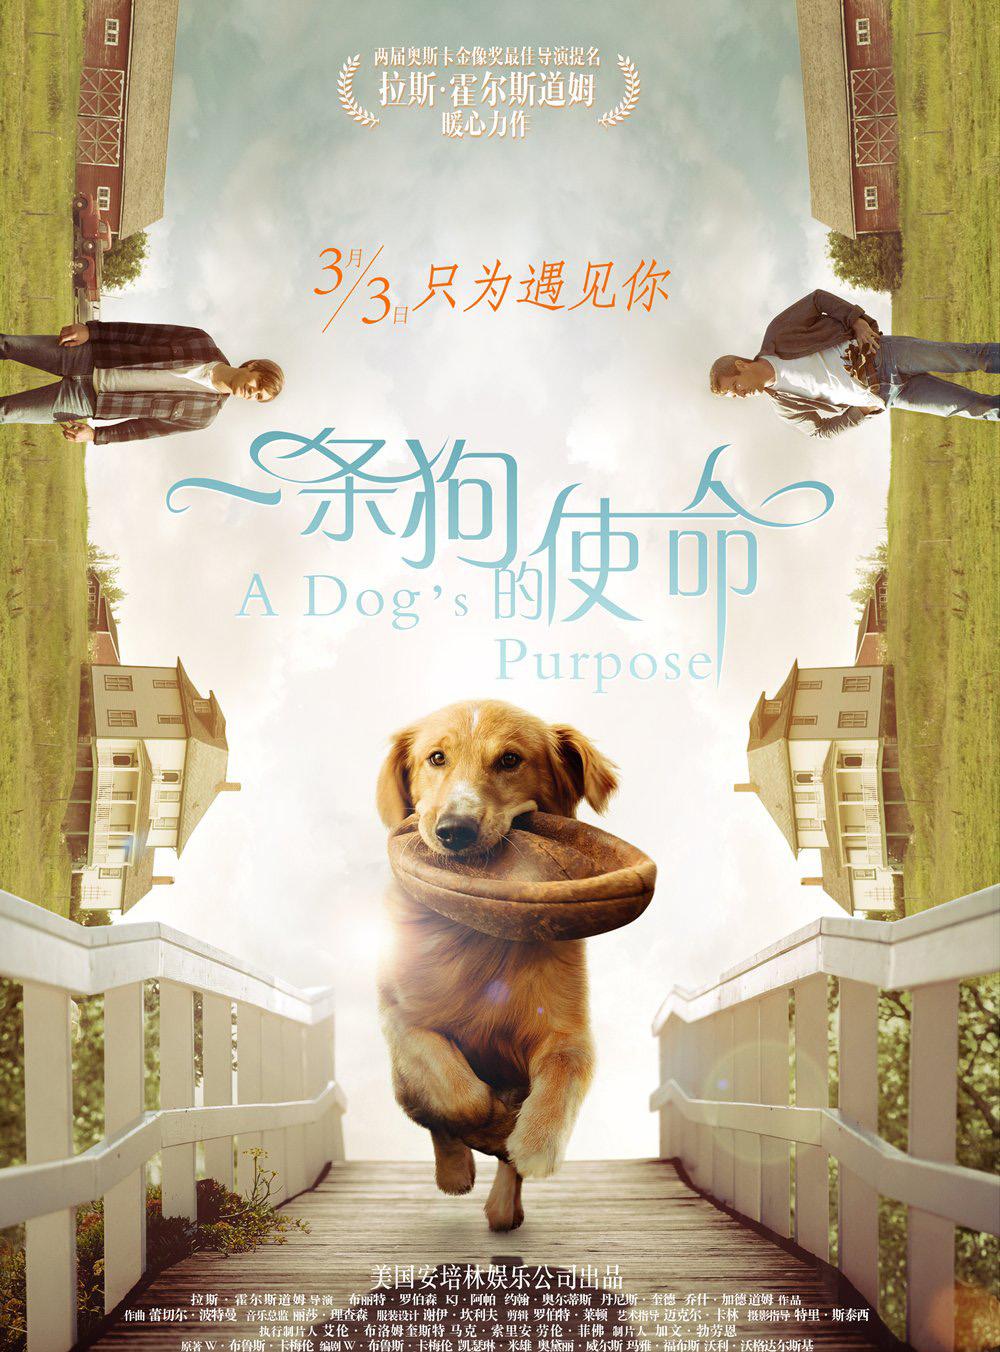 [2017年][剧情片][高清]一条狗的使命[1080P][中文字幕/3.46G]